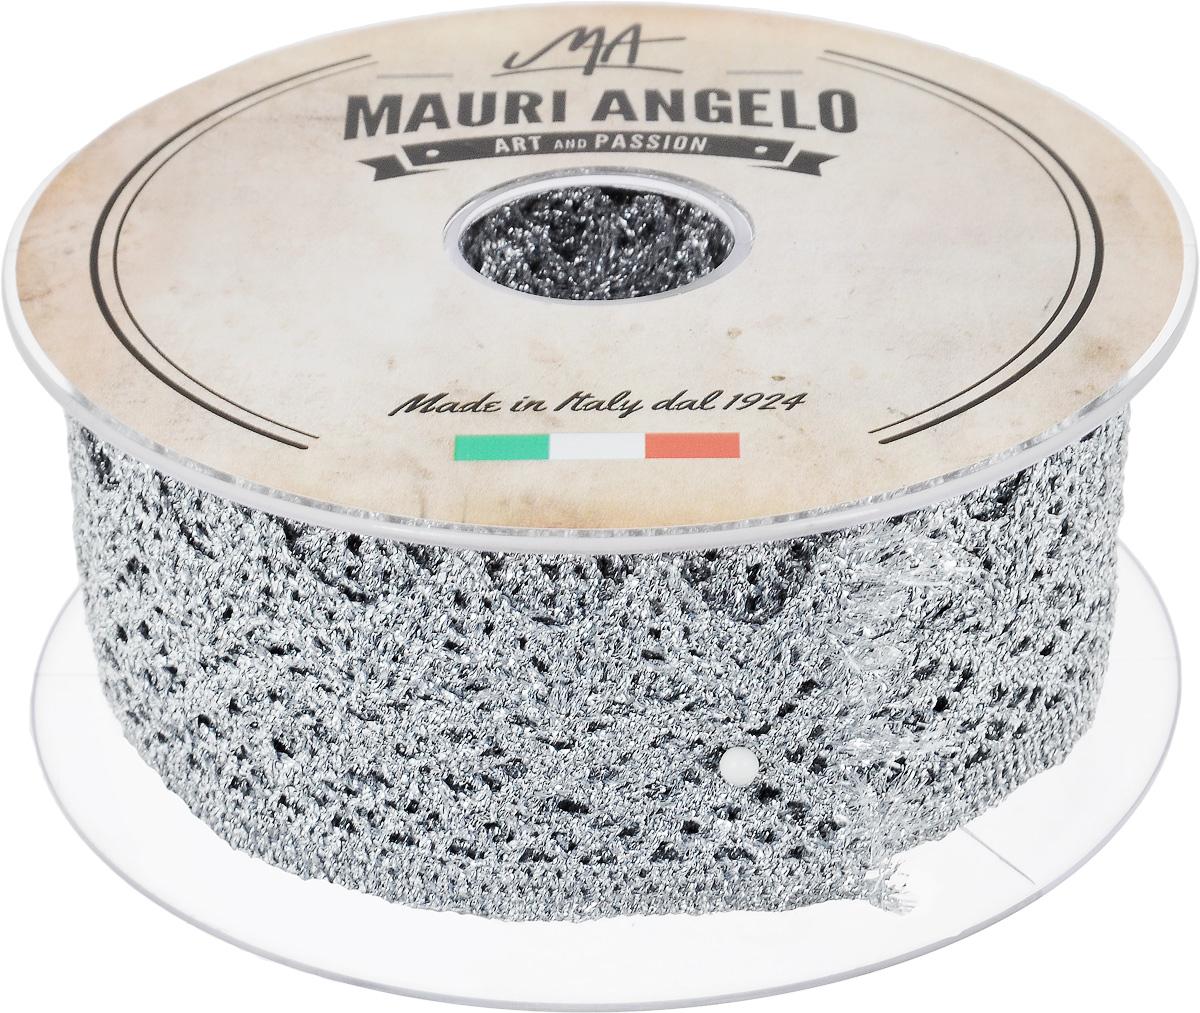 Лента кружевная Mauri Angelo, цвет: серебристый, 4,4 см х 10 мMR3125/11Декоративная кружевная лента Mauri Angelo выполнена из высококачественных материалов. Кружево применяется для отделки одежды, постельного белья, а также в оформлении интерьера, декоративных панно, скатертей, тюлей, покрывал. Главные особенности кружева - воздушность, тонкость, эластичность, узорность. Такая лента станет незаменимым элементом в создании рукотворного шедевра.